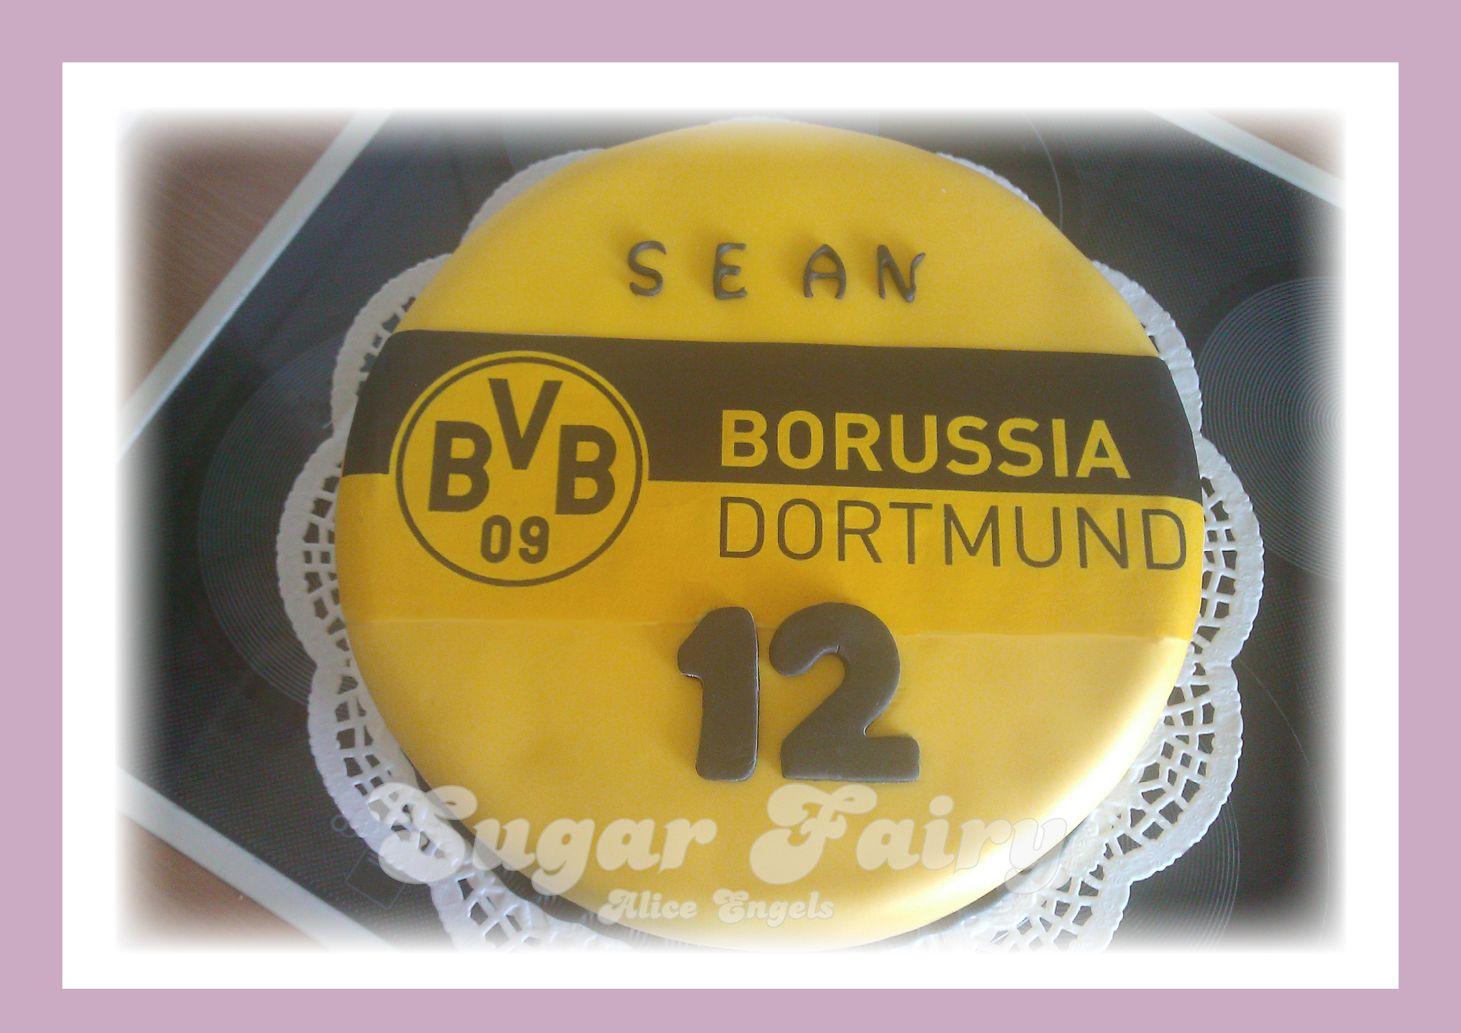 Bvb football cake backen bvb torte fu ball kuchen for Kuchen dortmund